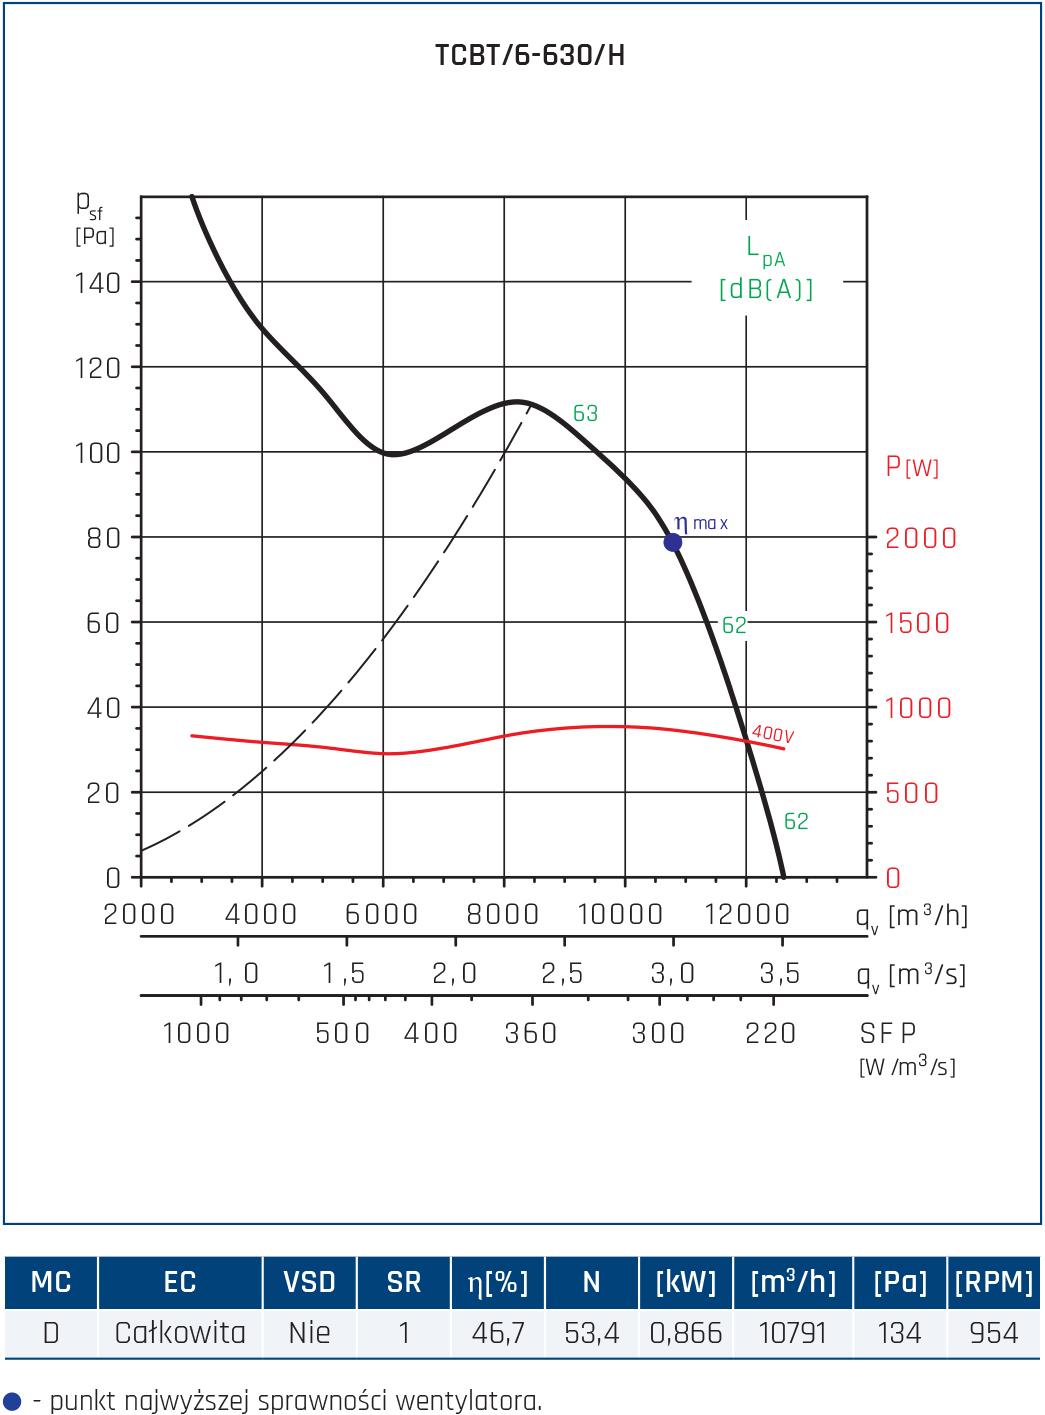 Wentylator Compact TCBB/TCBT 84